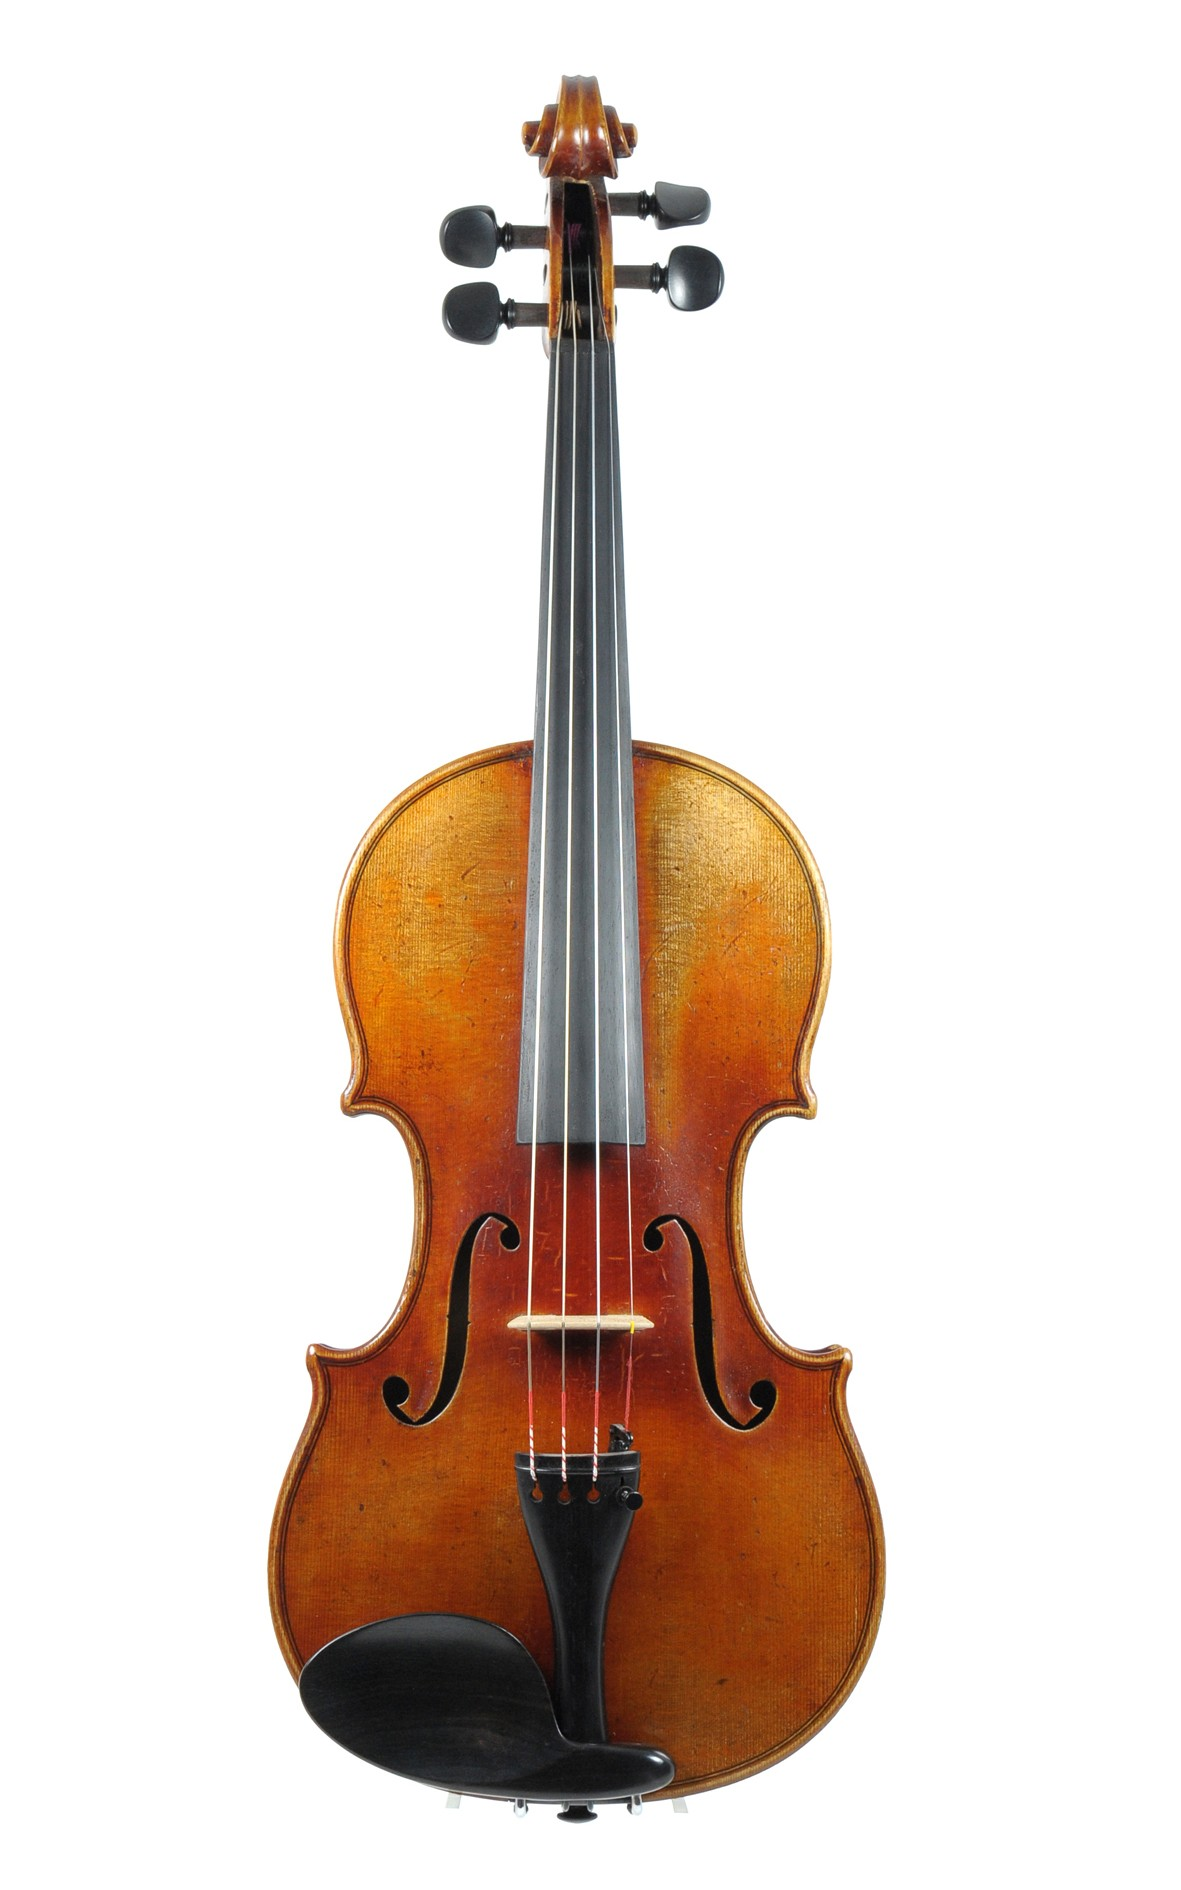 Ernst Reinhold Schmidt violin ca. 1910 - top